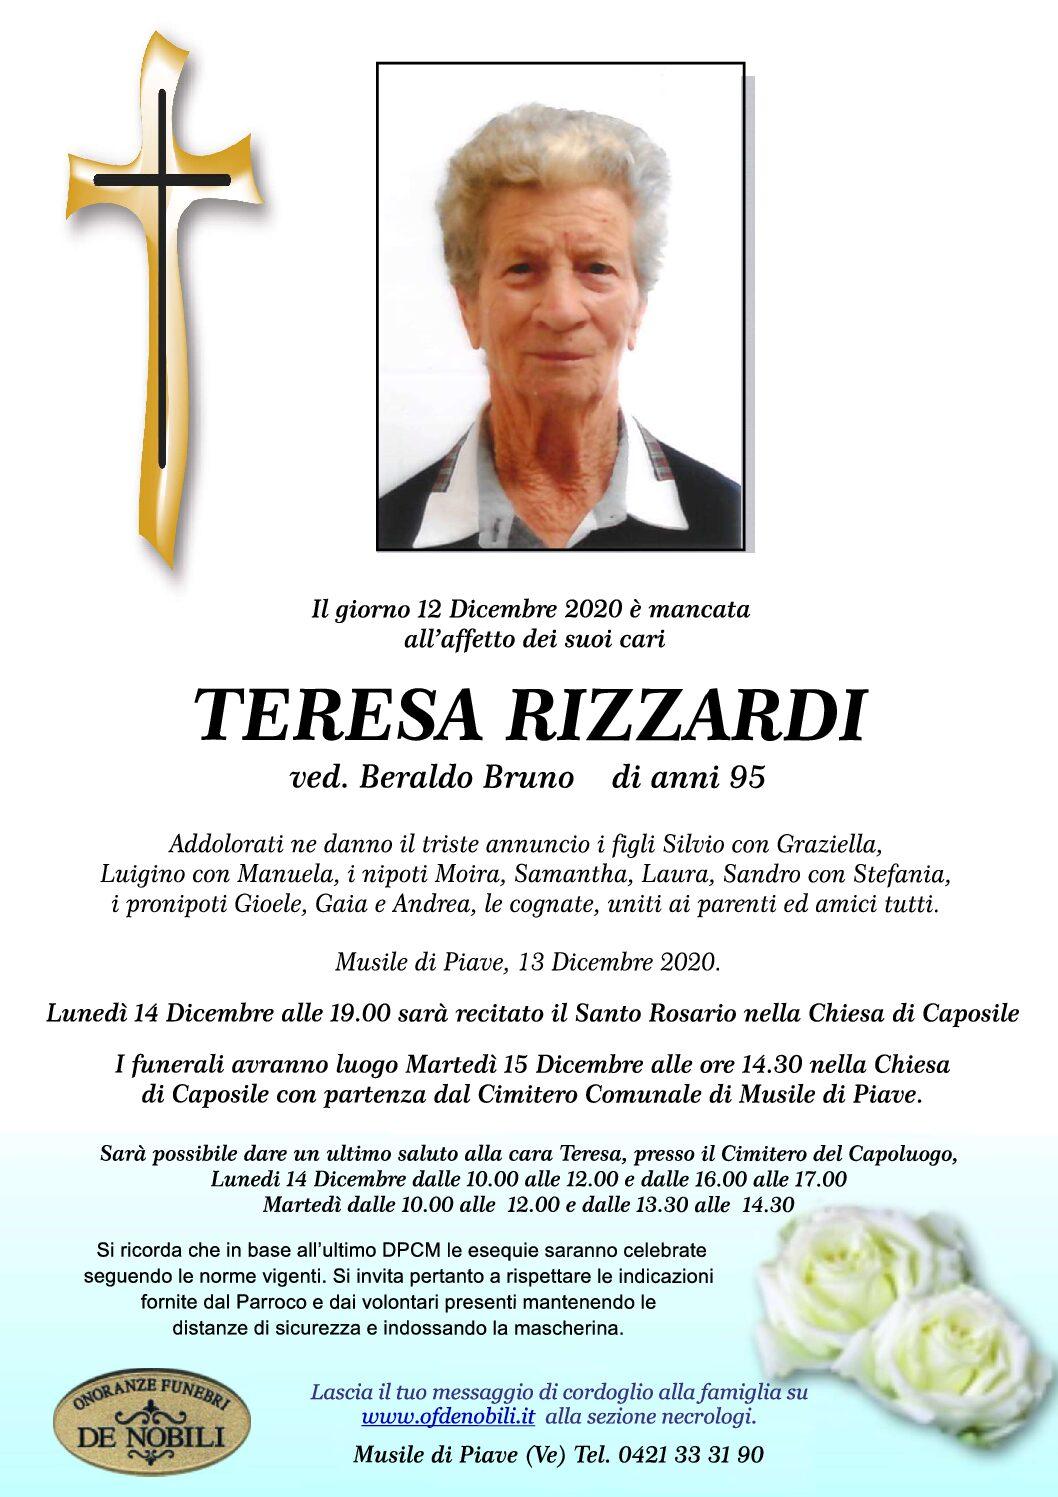 Teresa Rizzardi